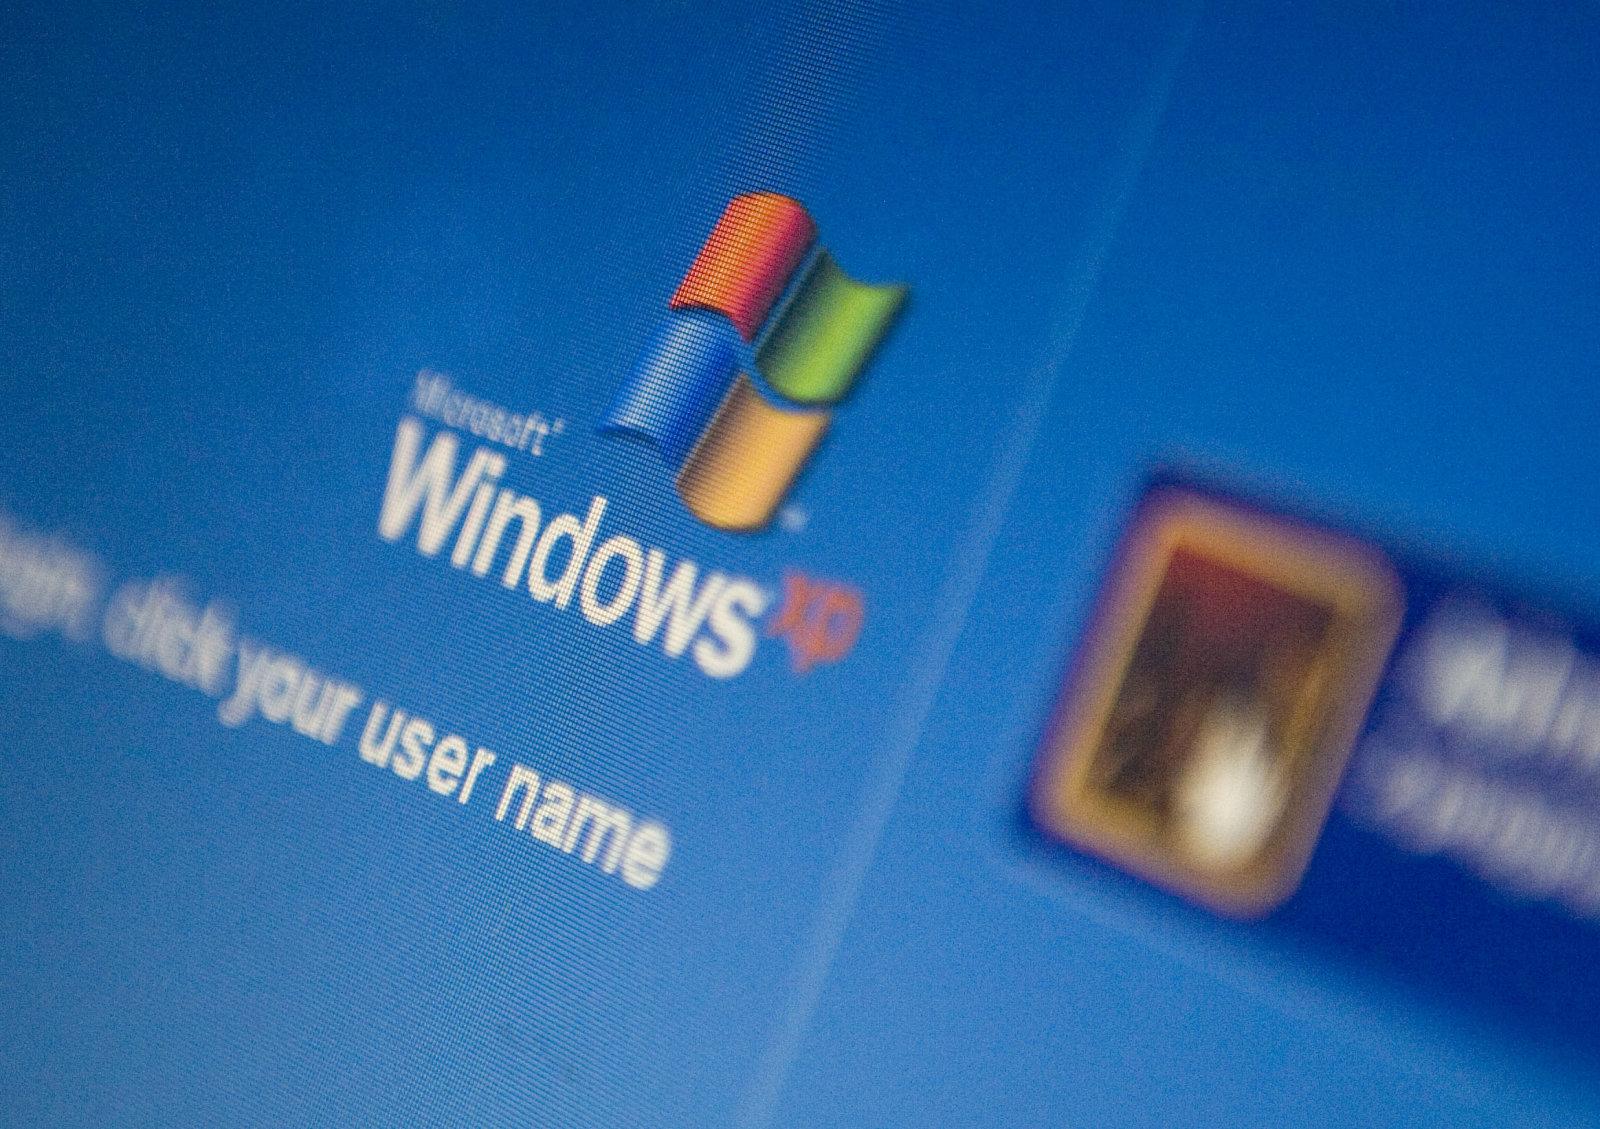 Windows XP vuelve a recibir una actualización 3 años después de haber finalizado su soporte